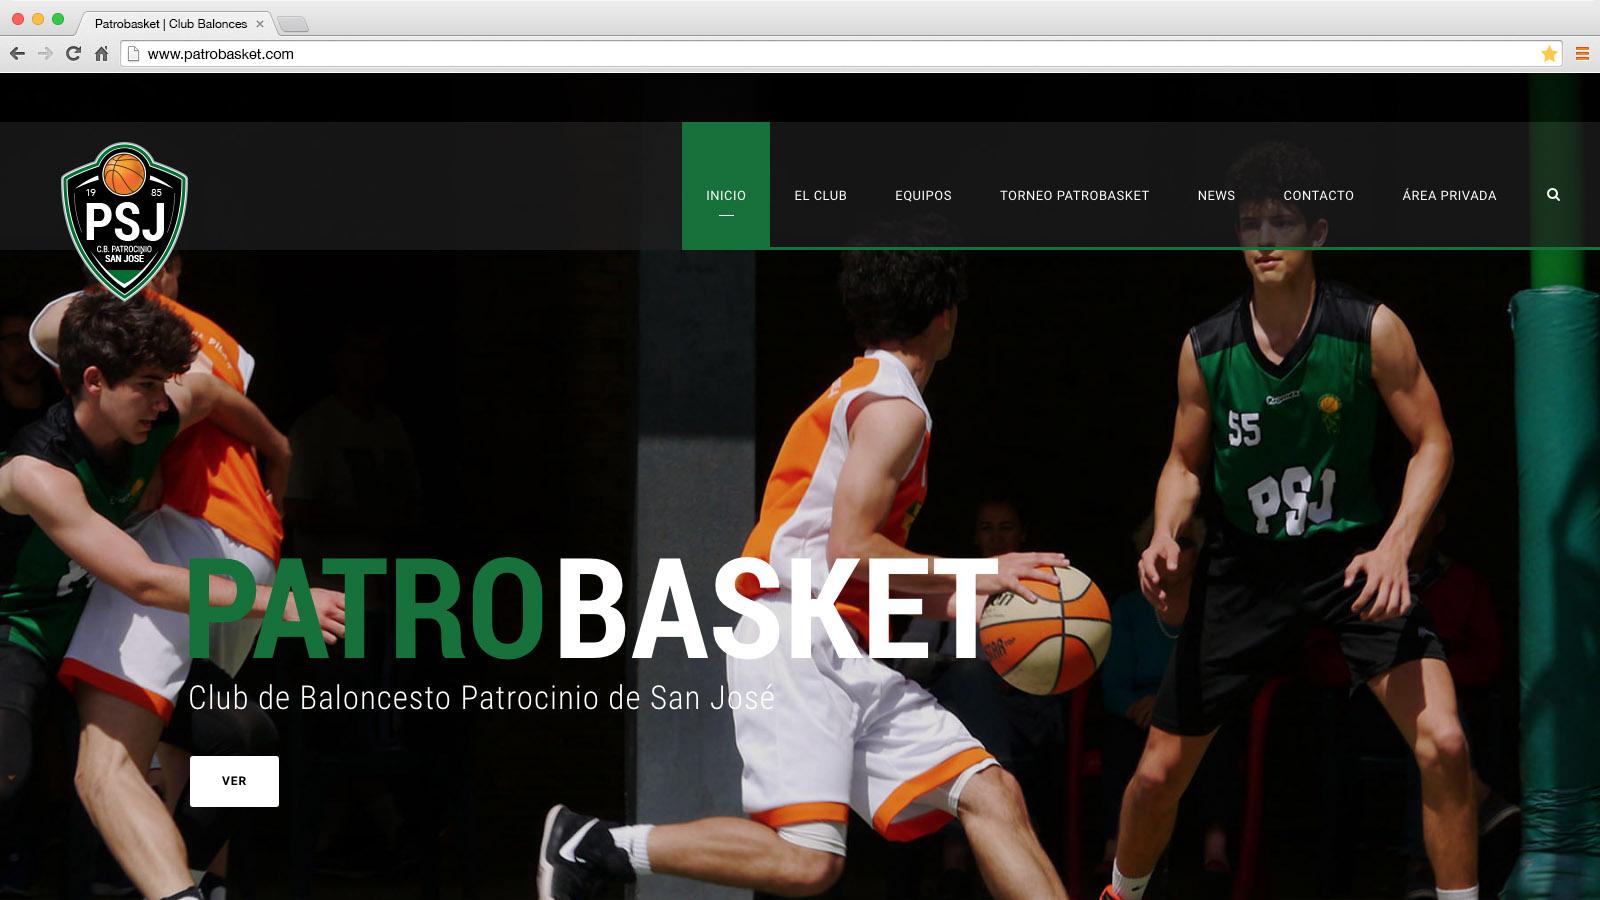 Website Patrtobasket - víctor merino | vídeo marketing online